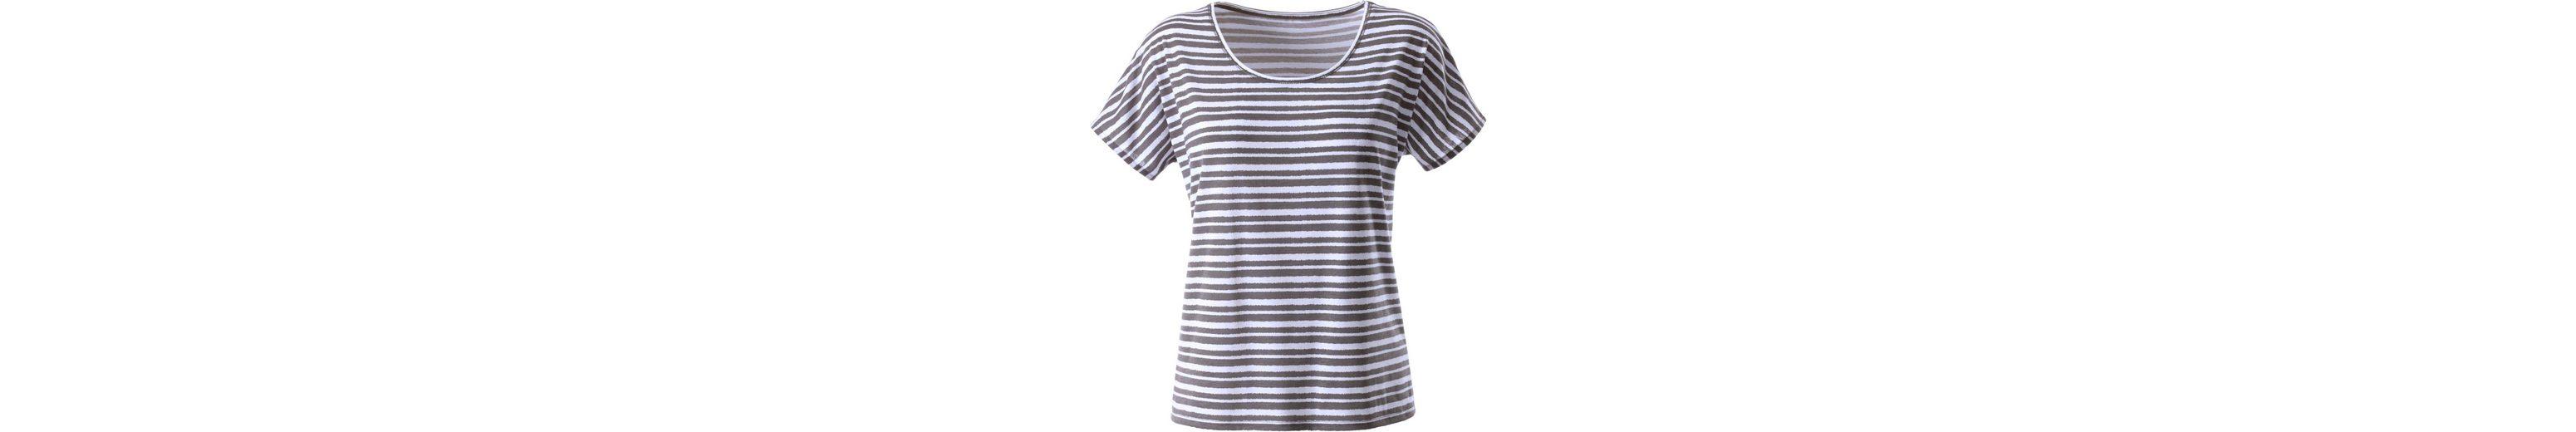 Collection L. Shirt im flotten Streifendessin Cool Wirklich Günstiger Preis Billig 2018 Erschwinglich Zu Verkaufen Zum Verkauf Großhandelspreis YU23Jay